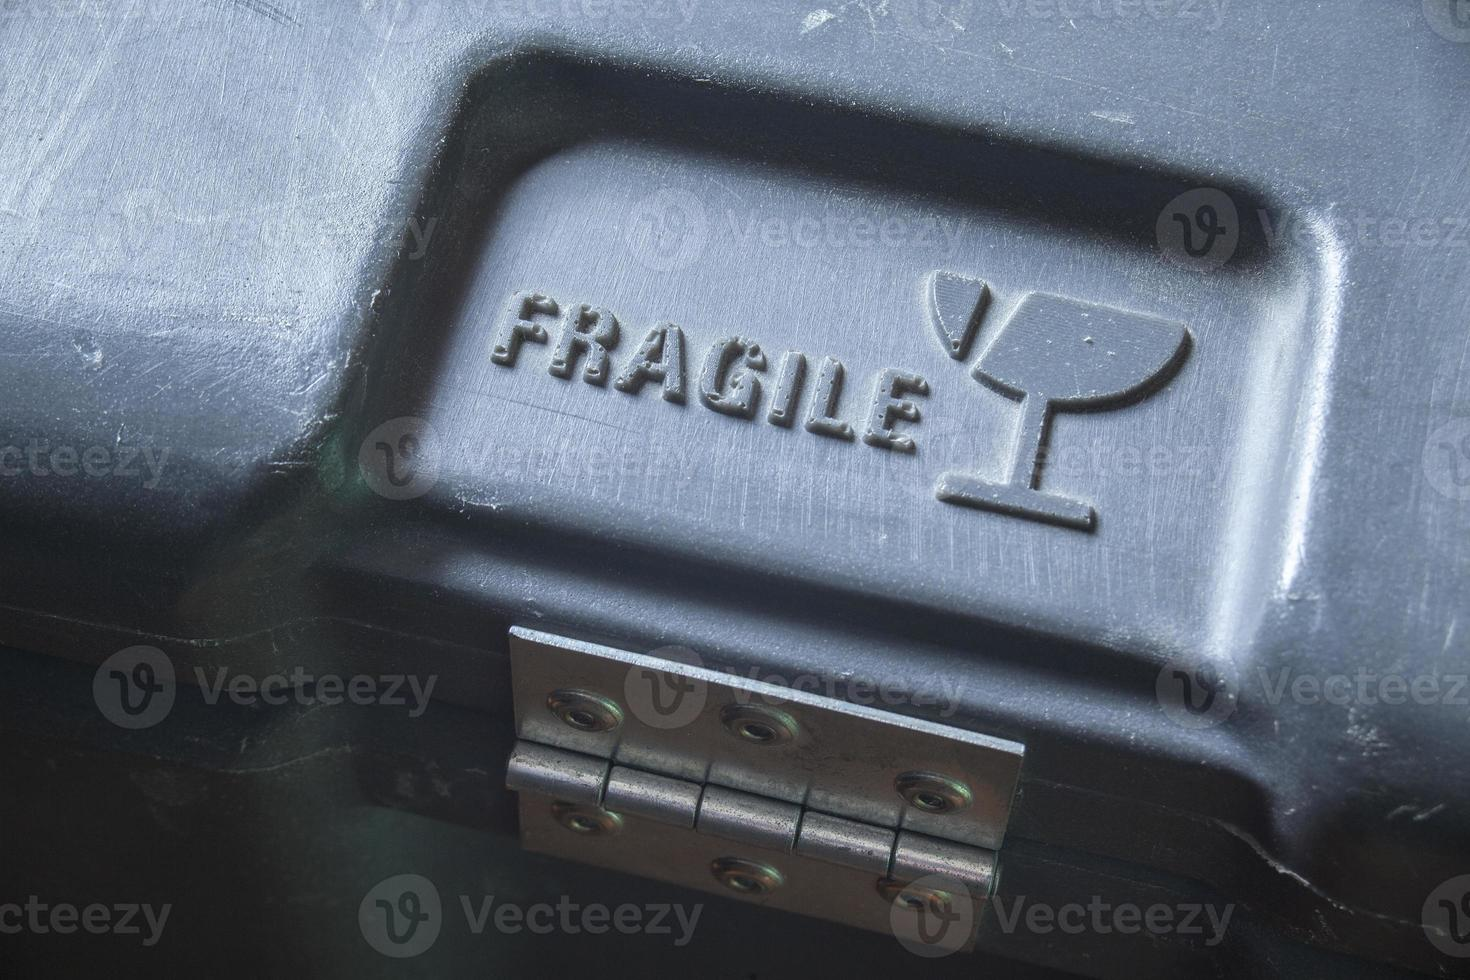 Fragile warning photo